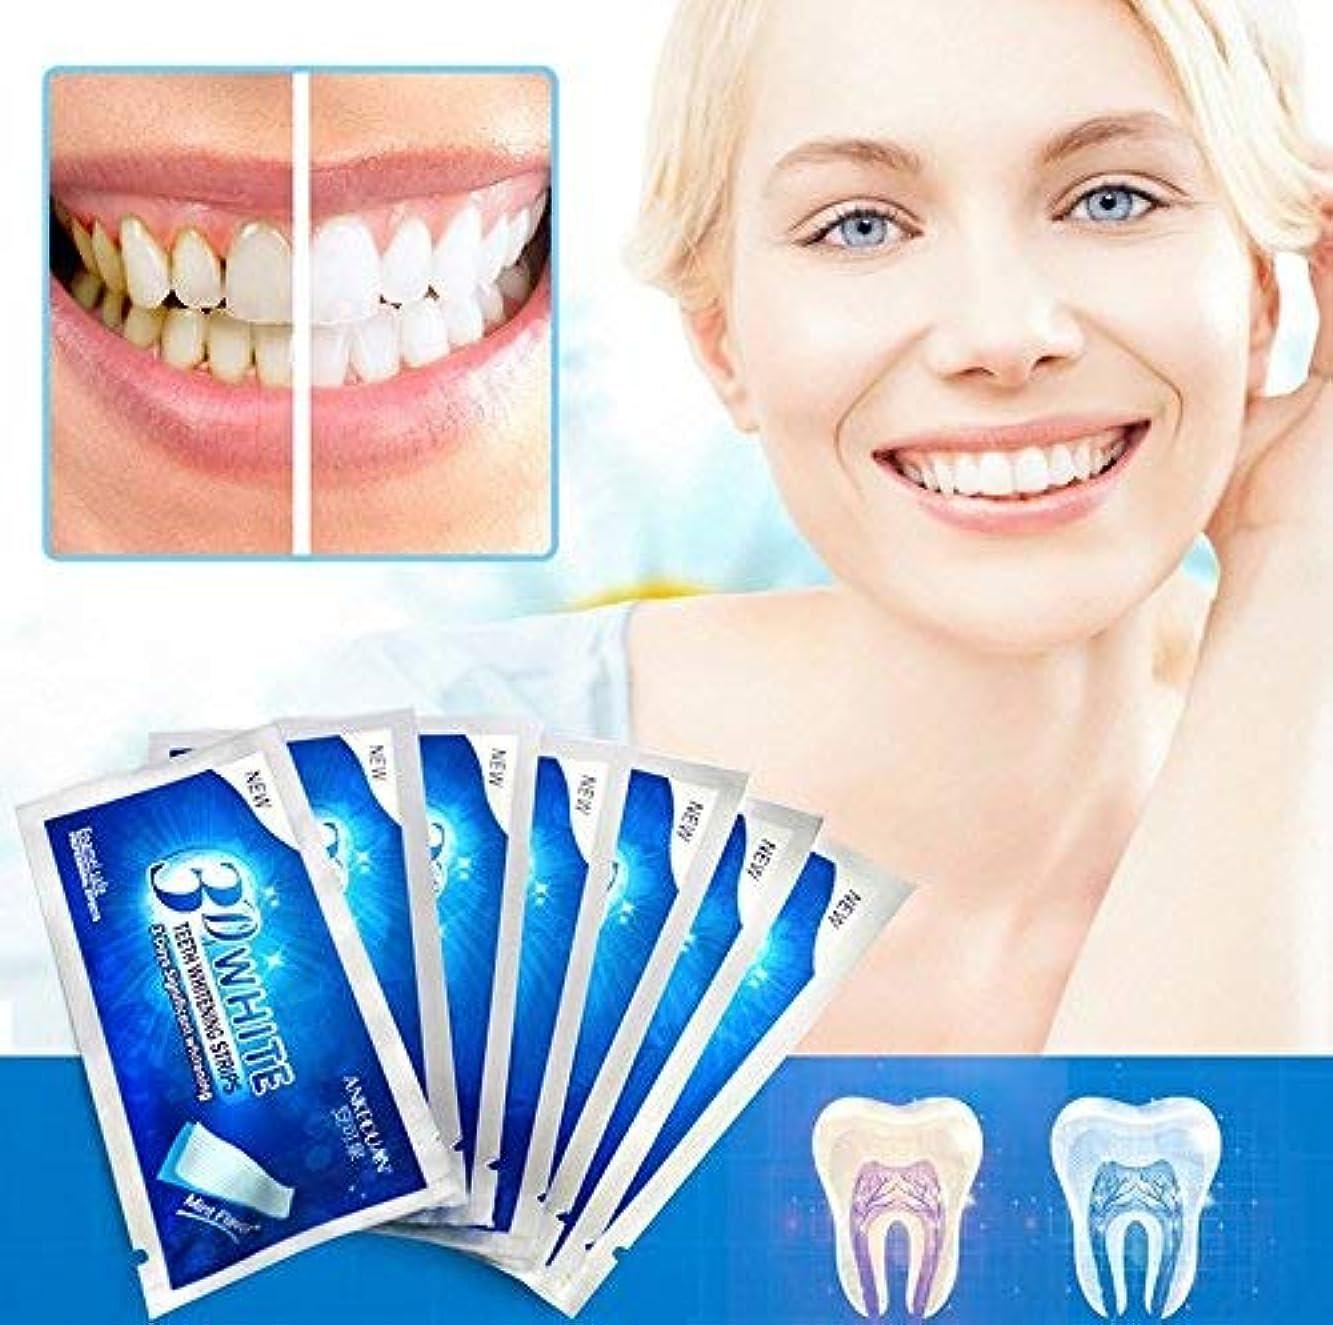 ベイビー黒板対処する歯 美白 歯 ホワイトニング 歯 ケア 歯磨き 歯マニキュア 歯を白 (14)